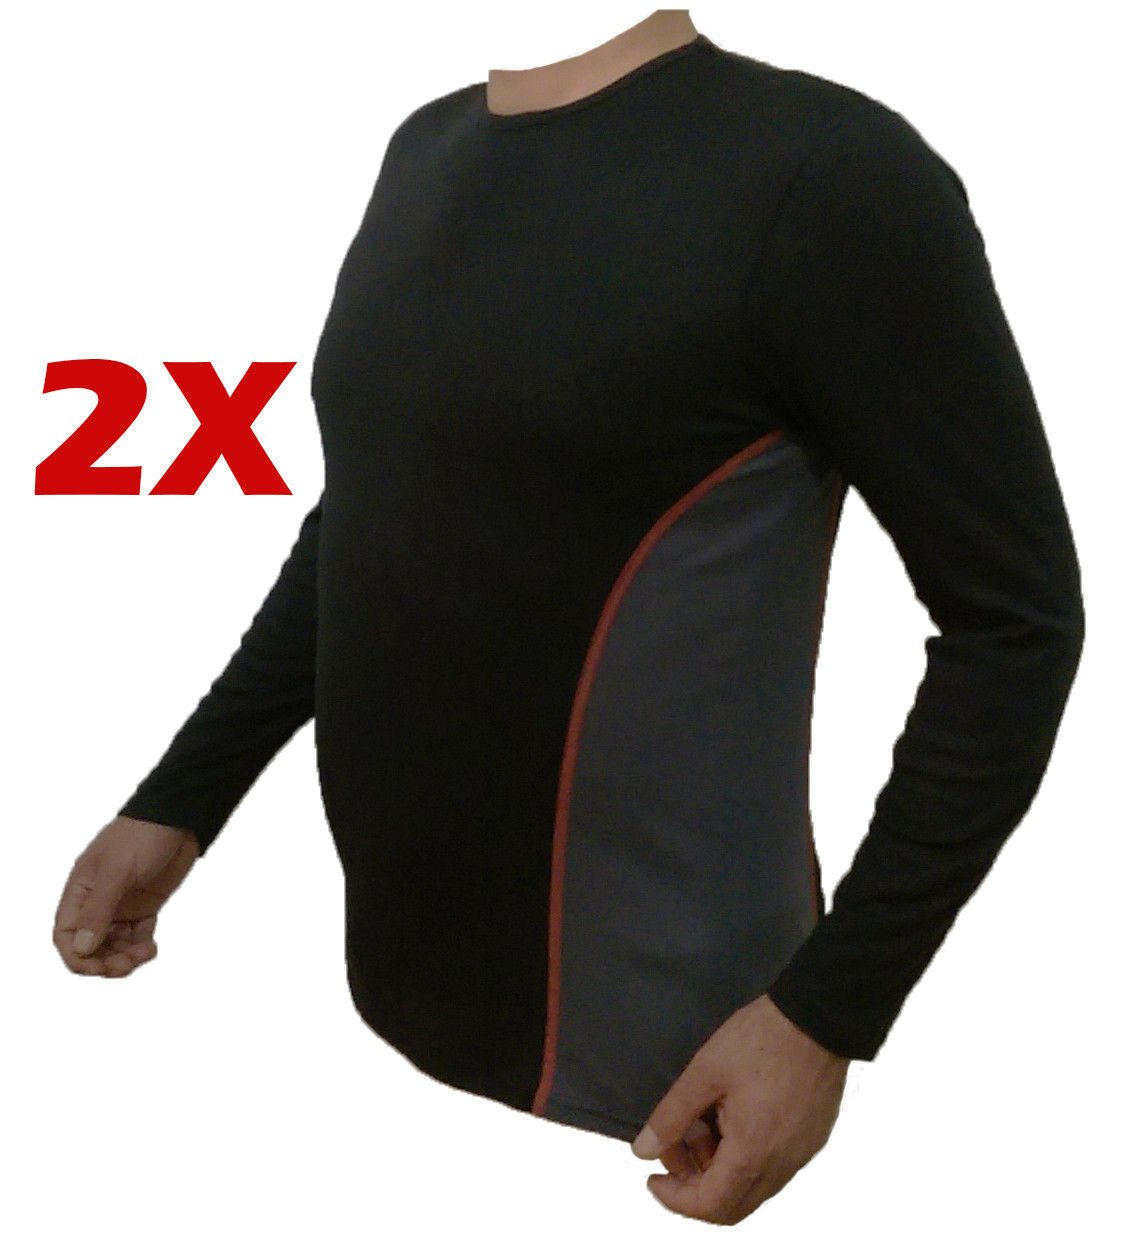 fa47a2bee2f293 Herren Thermounterhemd Test Vergleich +++ Herren Thermounterhemd ...